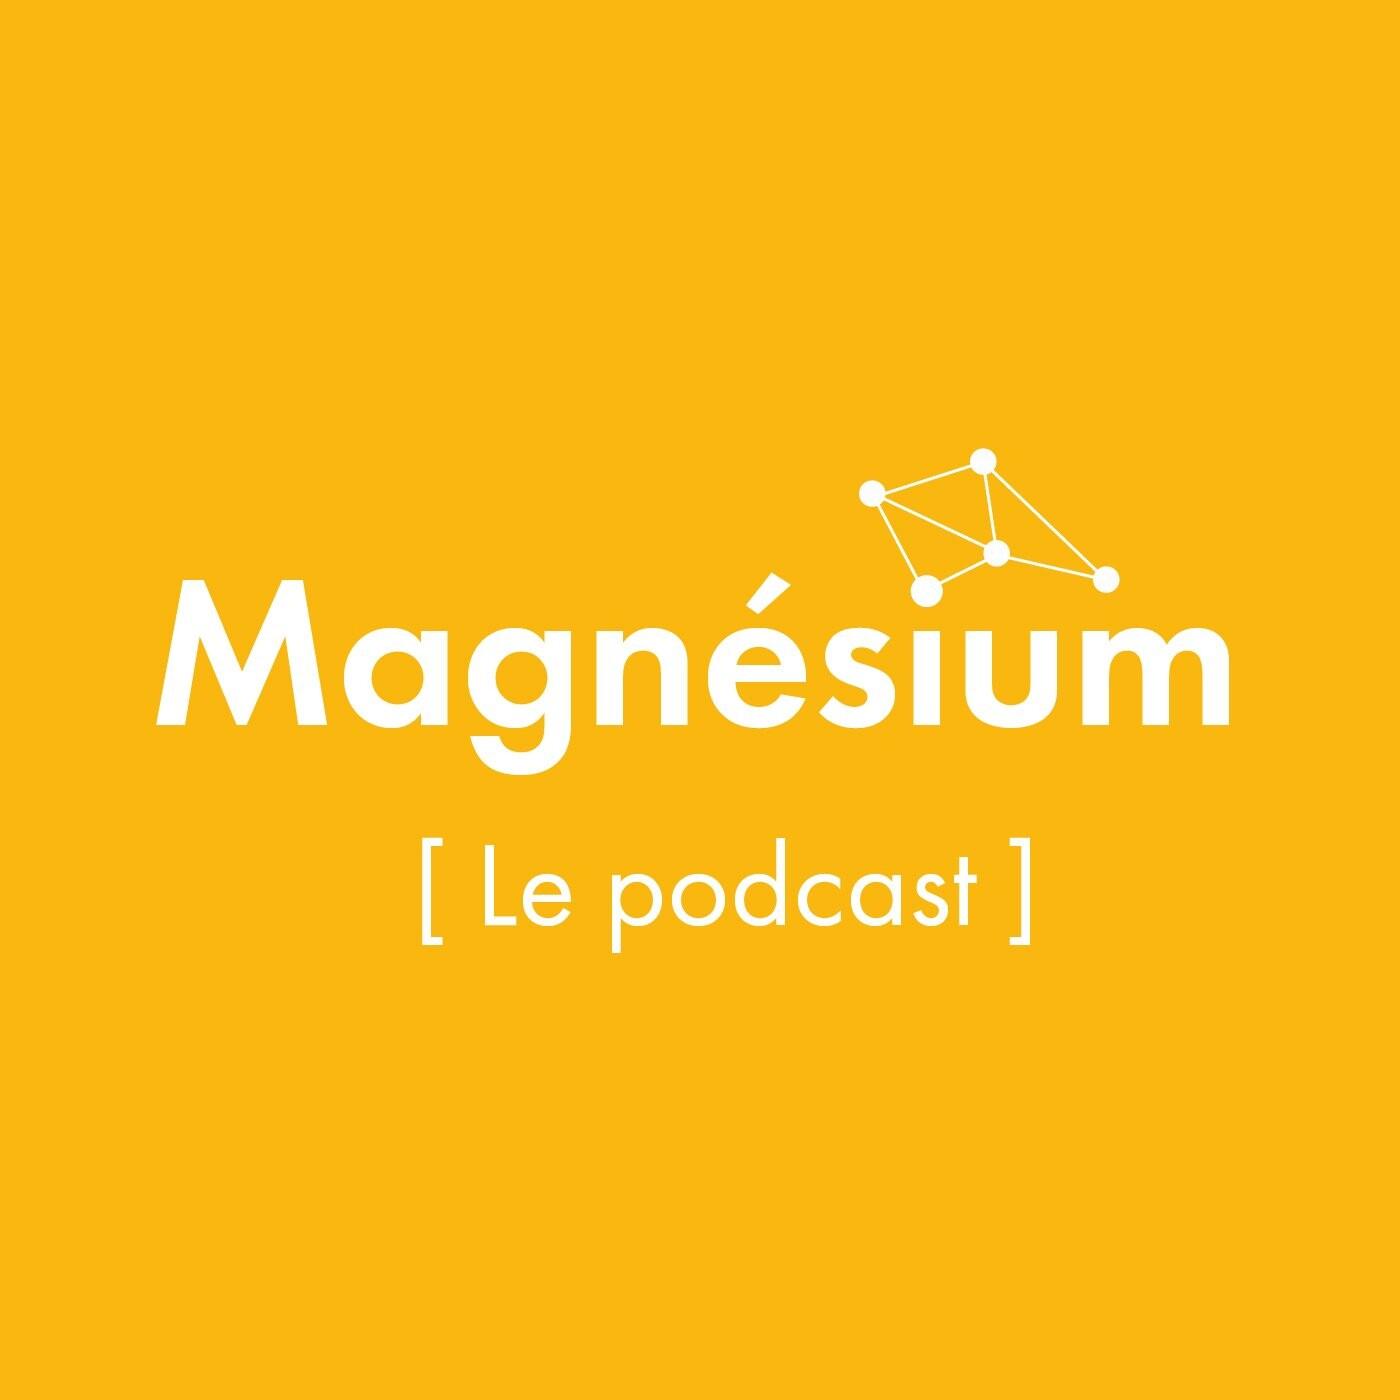 #magnesium 03 - Manon GIRARD : Etes-vous prêt pour la consigne en verre ?